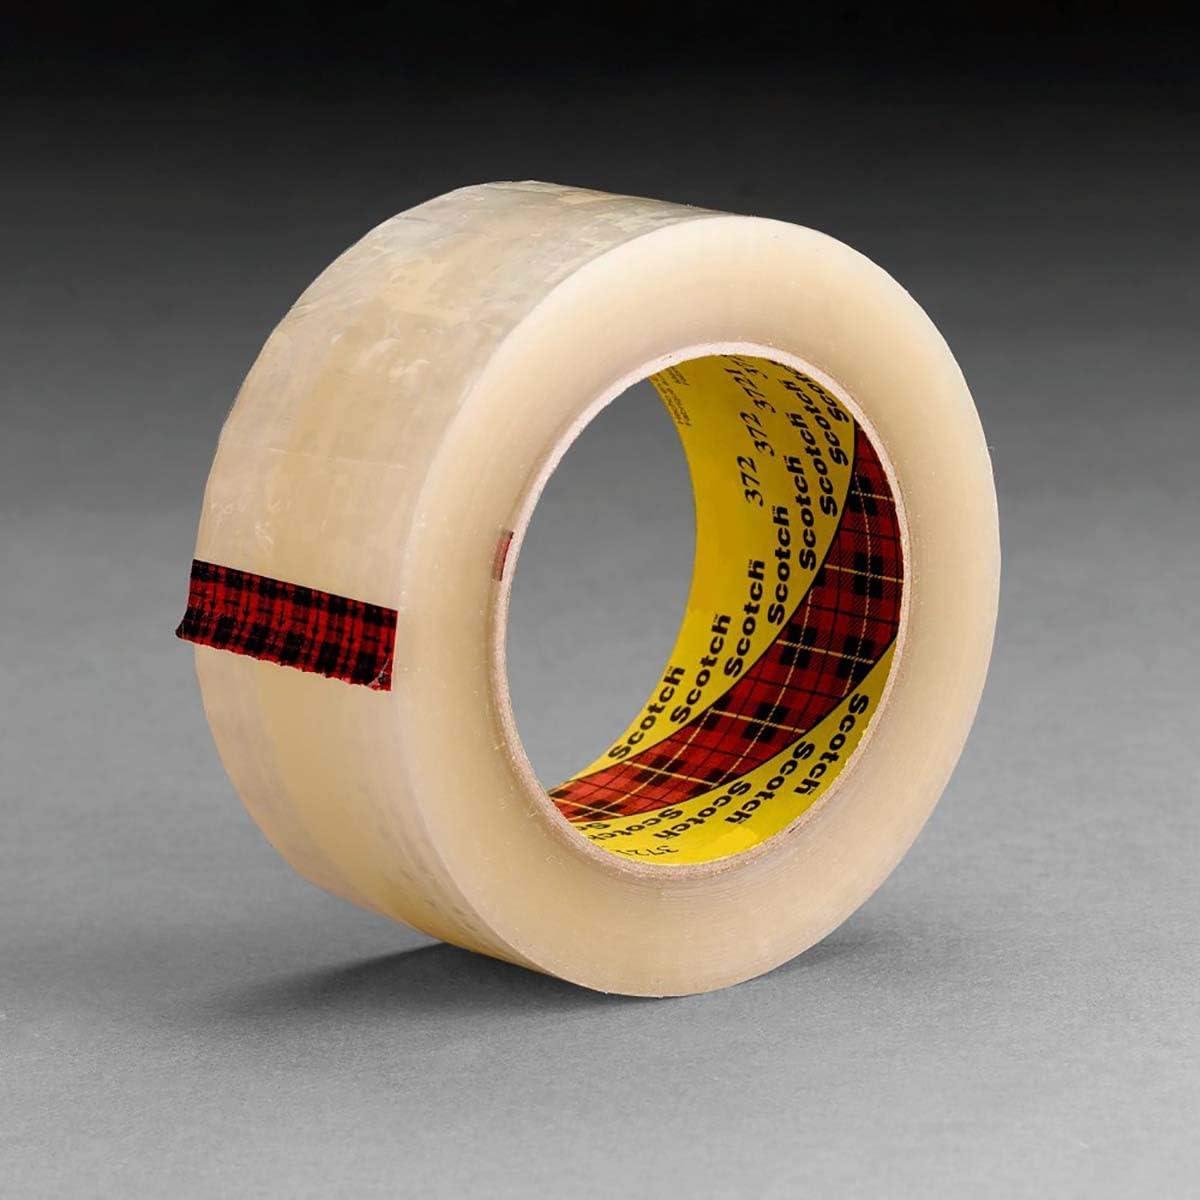 3M Scotch Box Sealing Tape 371 Clear 48 Mm X 914 M 1 Roll